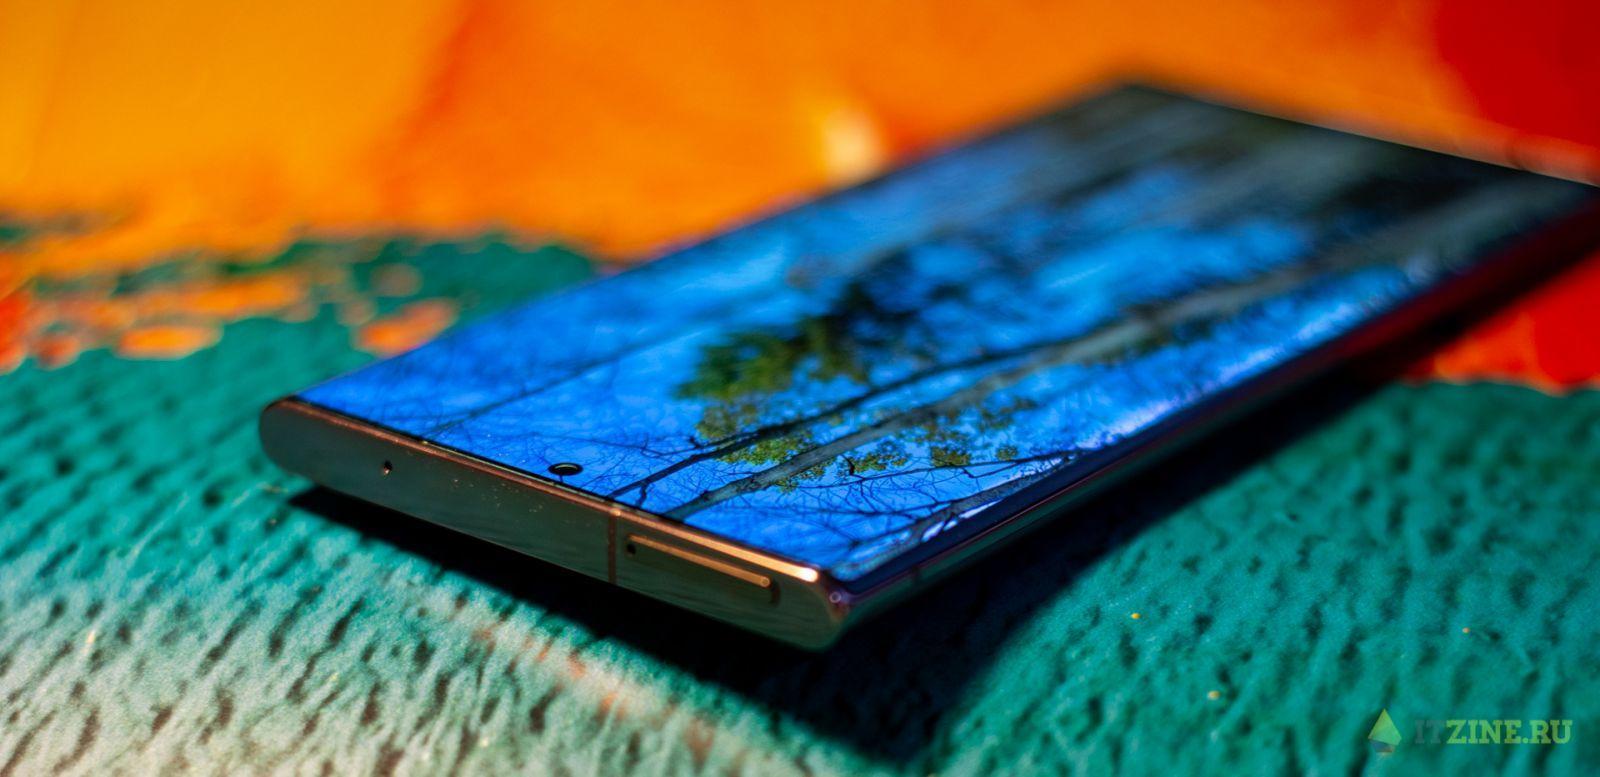 Обзор Samsung Galaxy Note20 Ultra: великолепие с нюансами (DSC 9470)